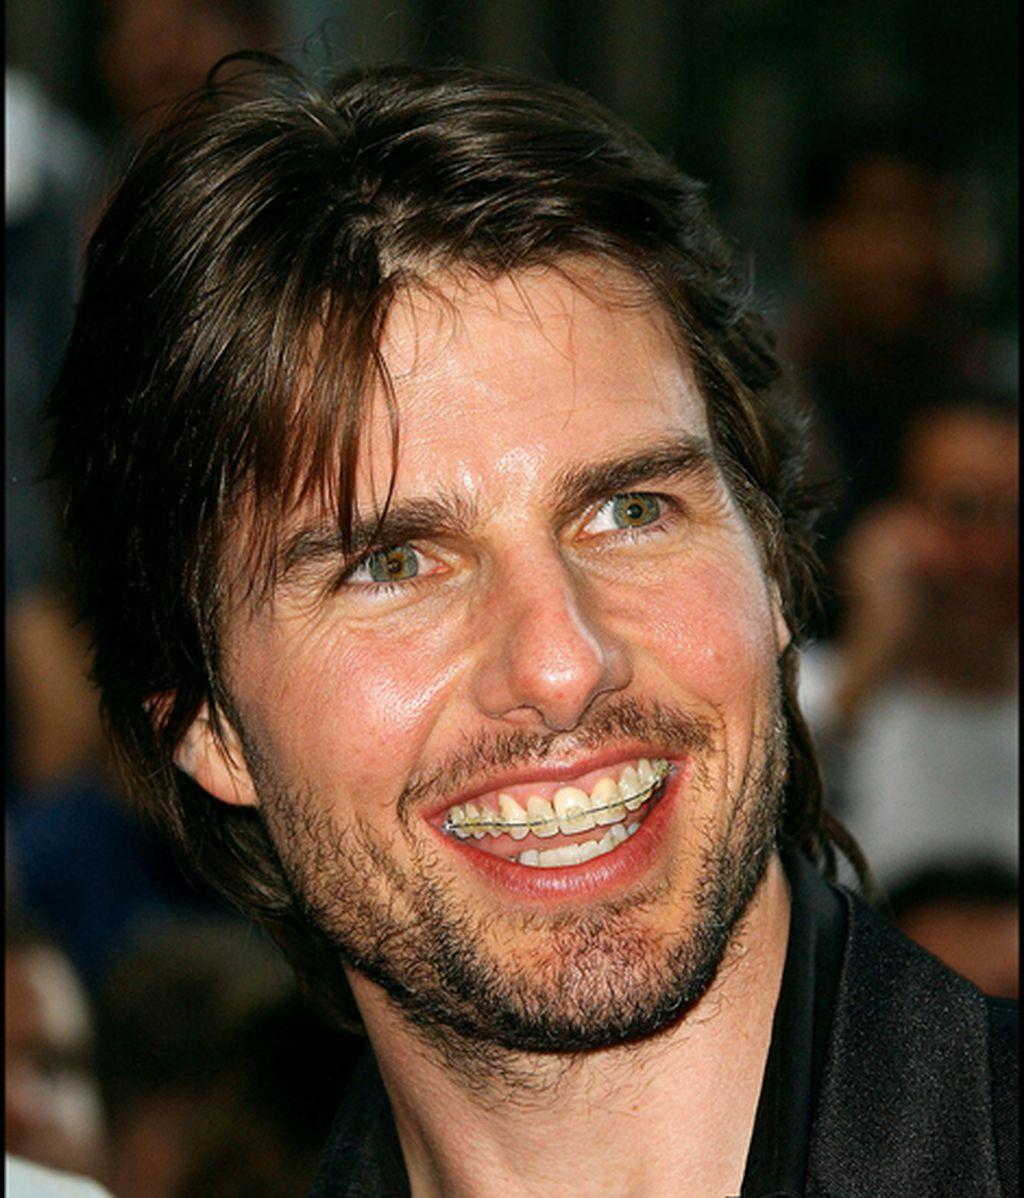 Tom Cruise, mostrando sin pudor su corrector de dientes